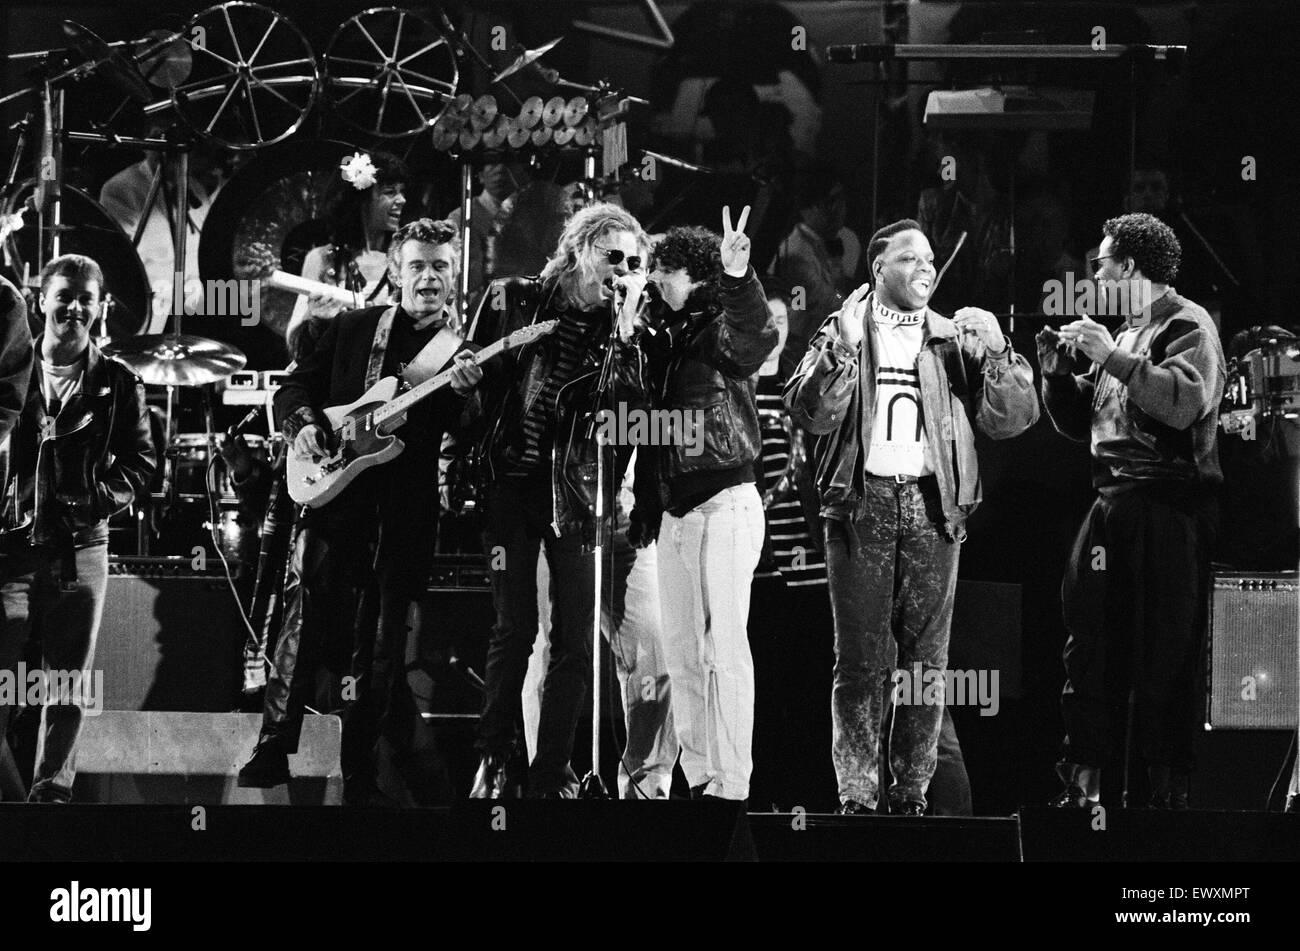 John Lennon concierto conmemorativo celebrado en Pier Head, Liverpool. Hall y Oates realizar. 5 de mayo de 1990. Foto de stock